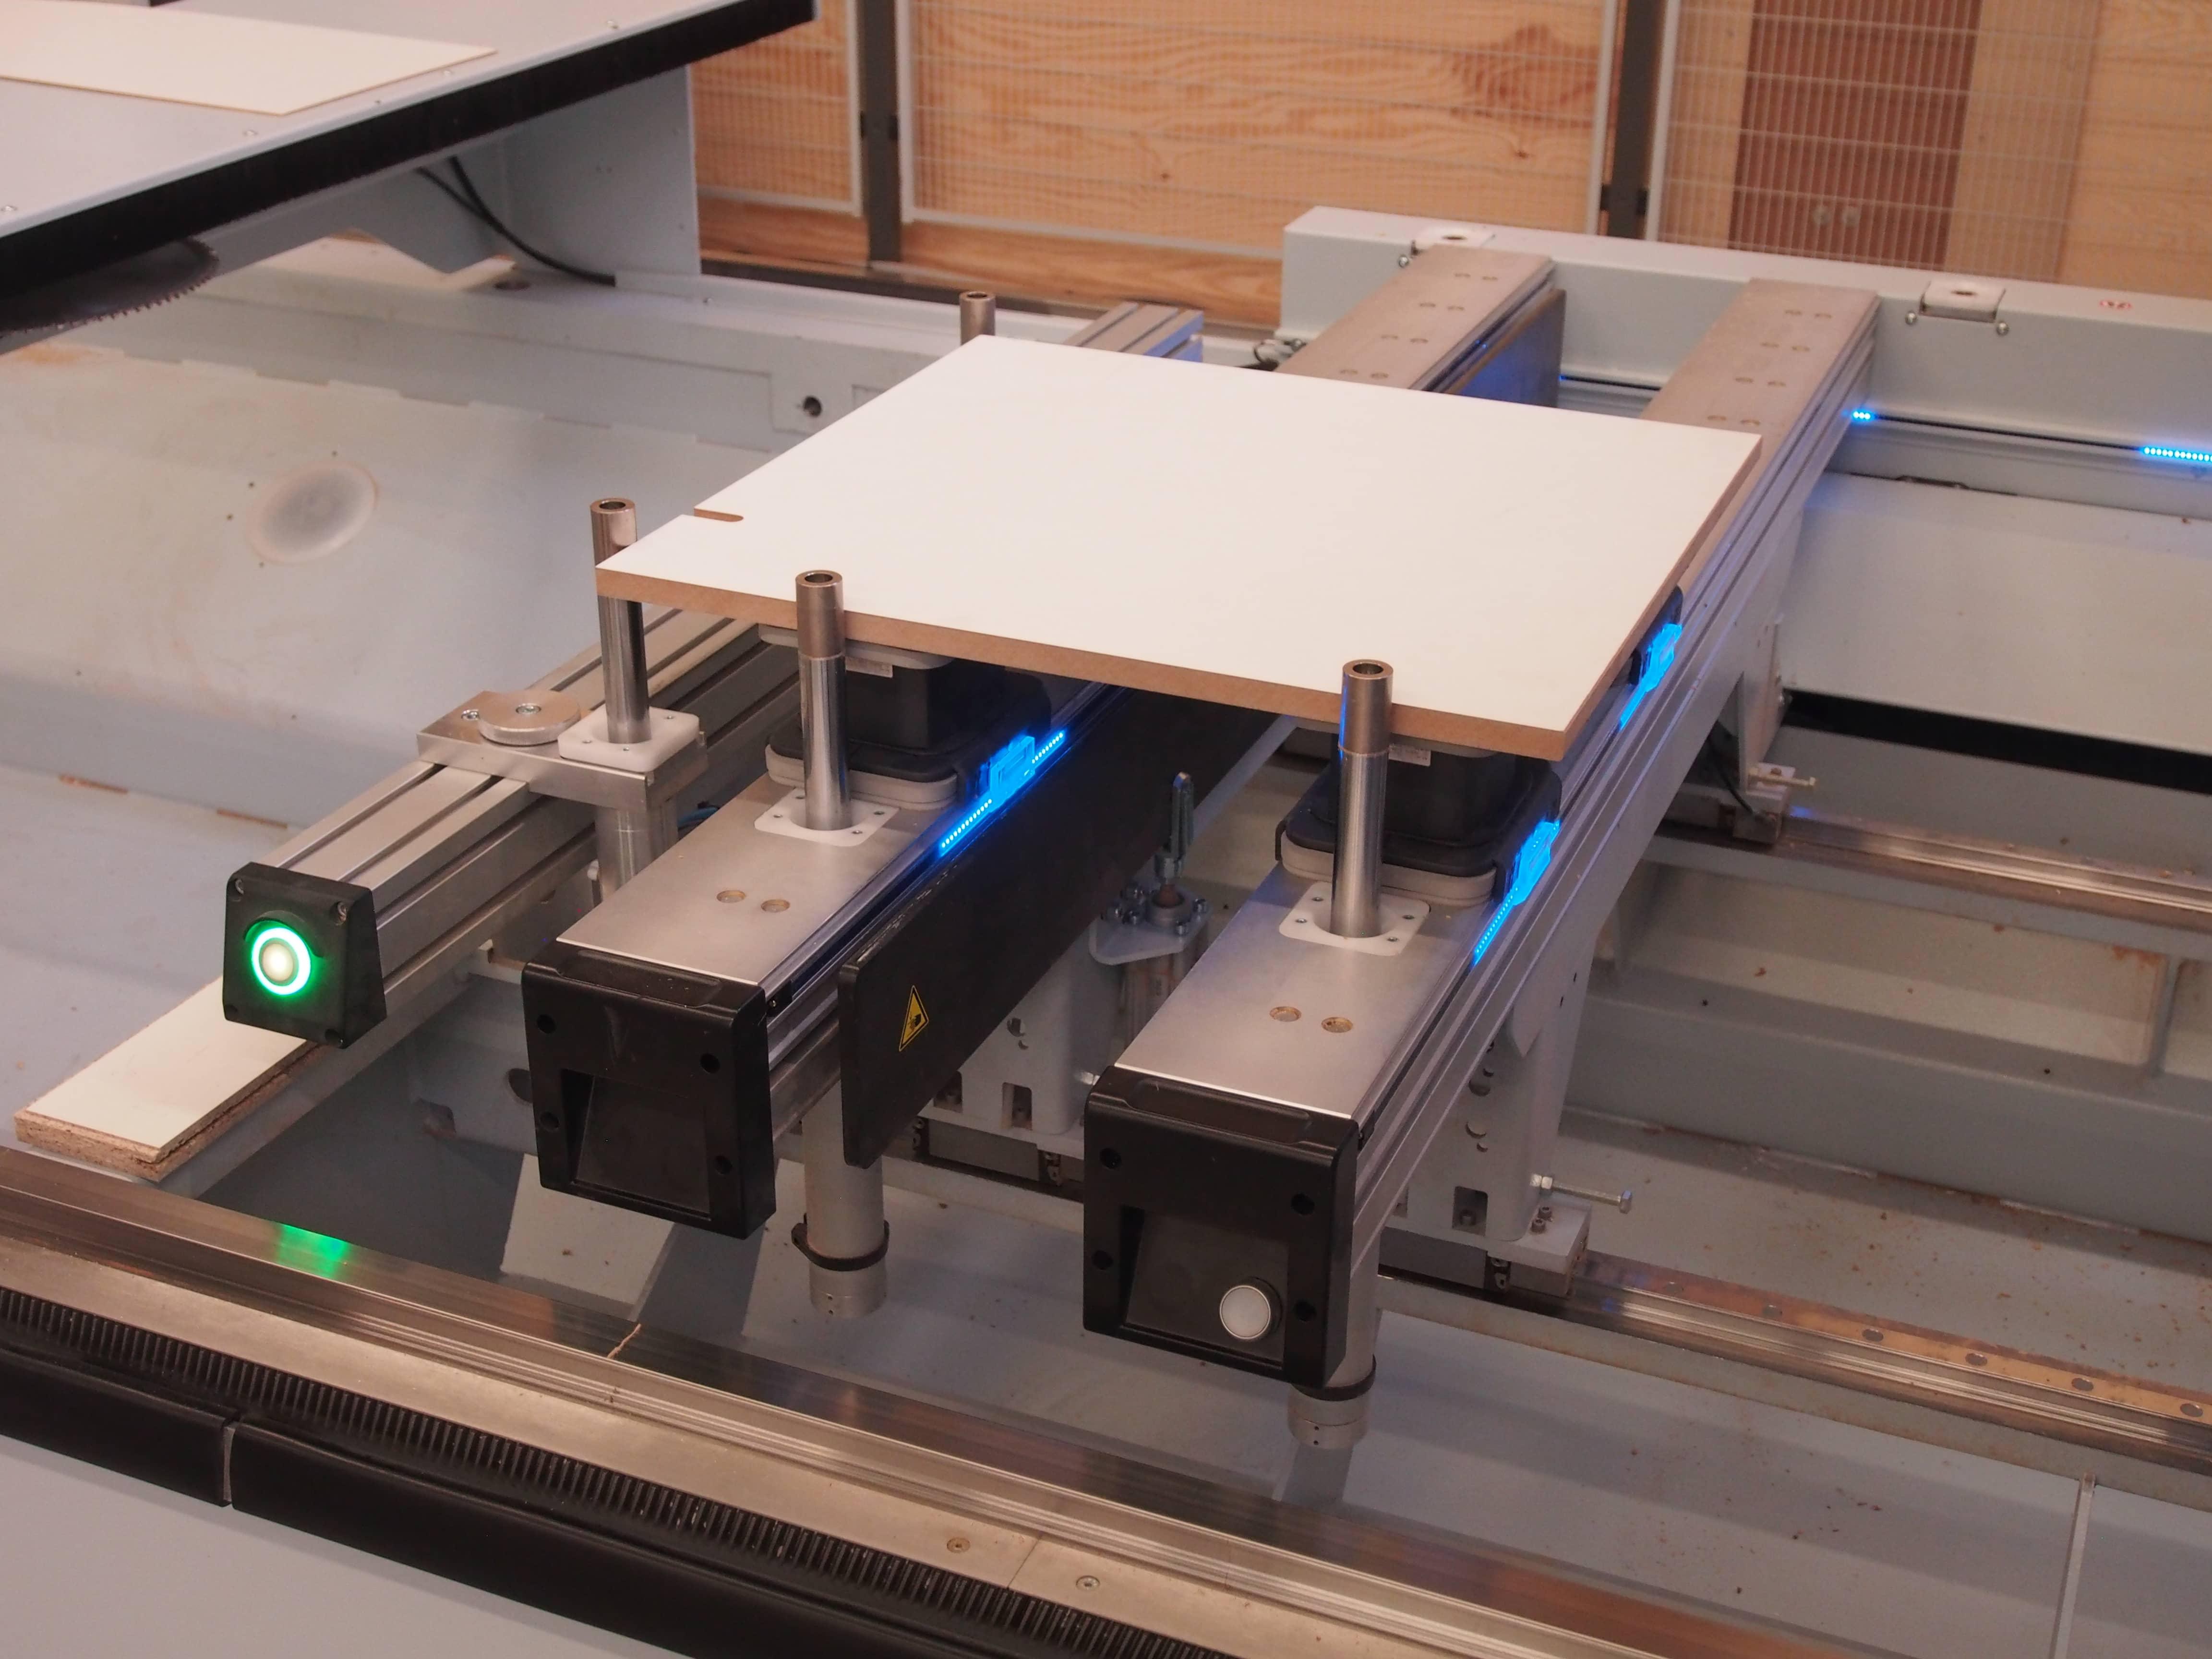 Eine CNC Fräse schneidet das Glas für unsere Telefonkabinen.